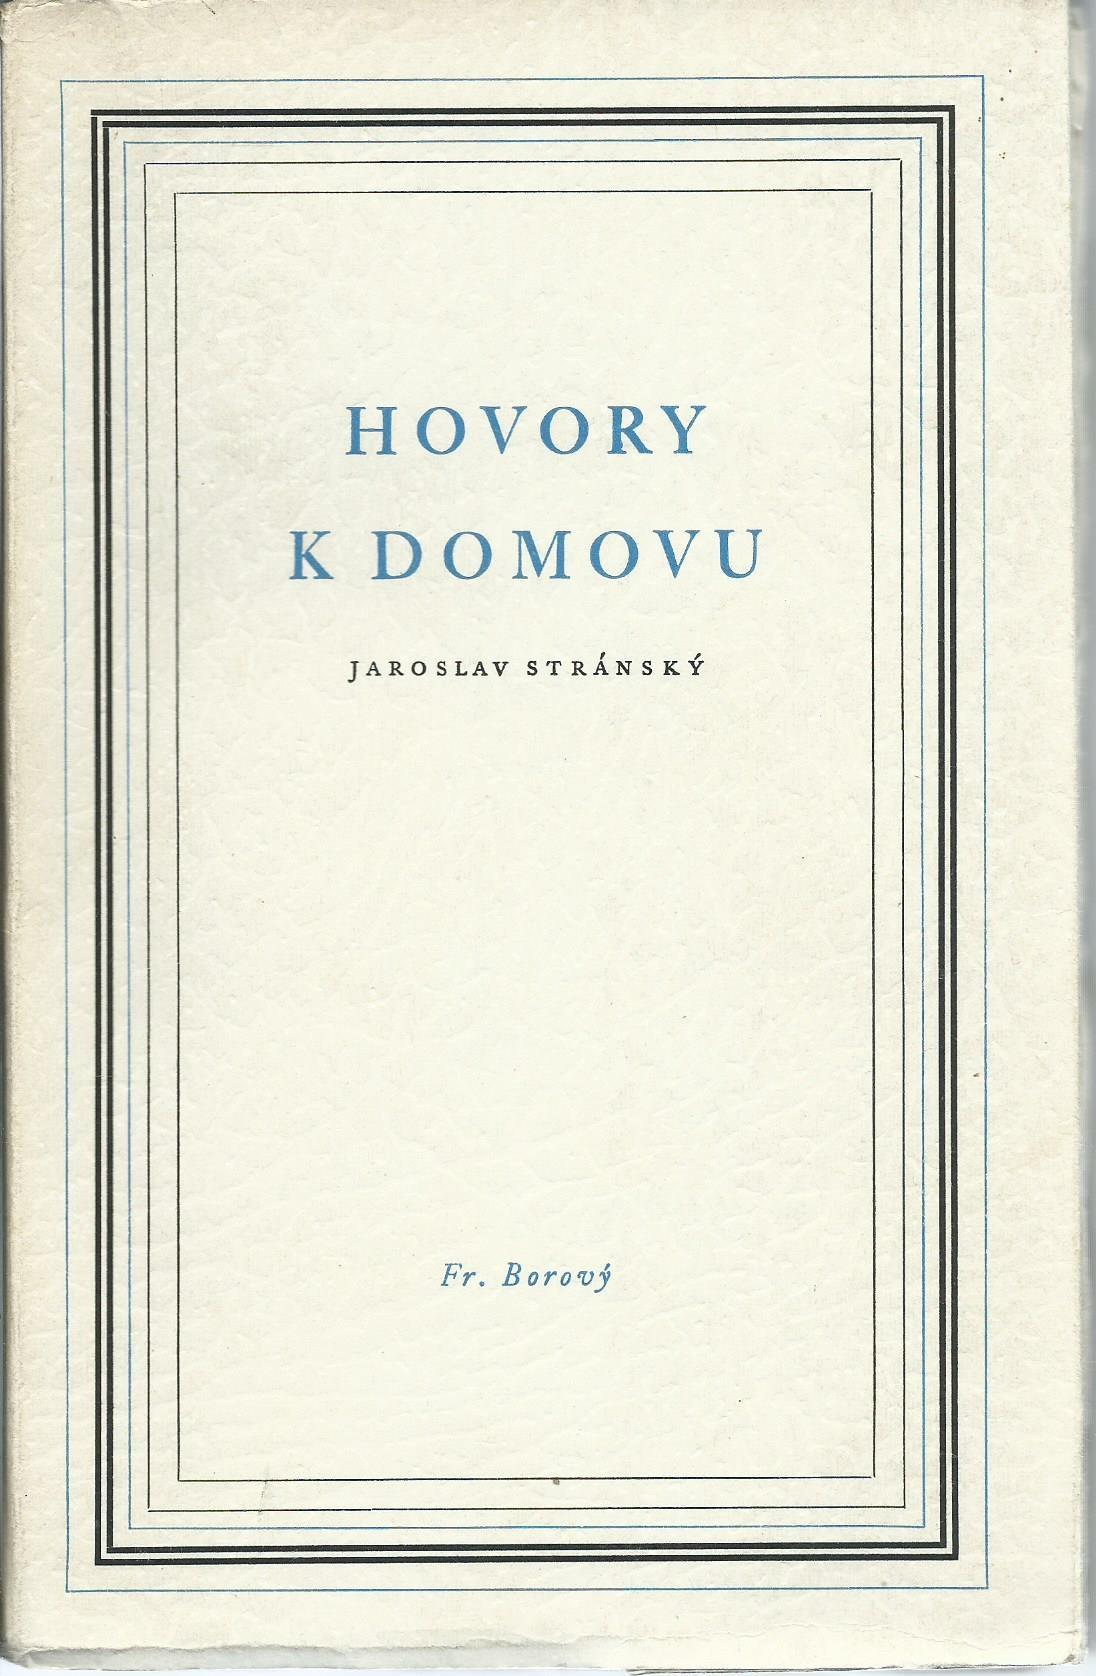 Hovory k domovu - Jaroslav Stránský (PODPIS AUTORA!)